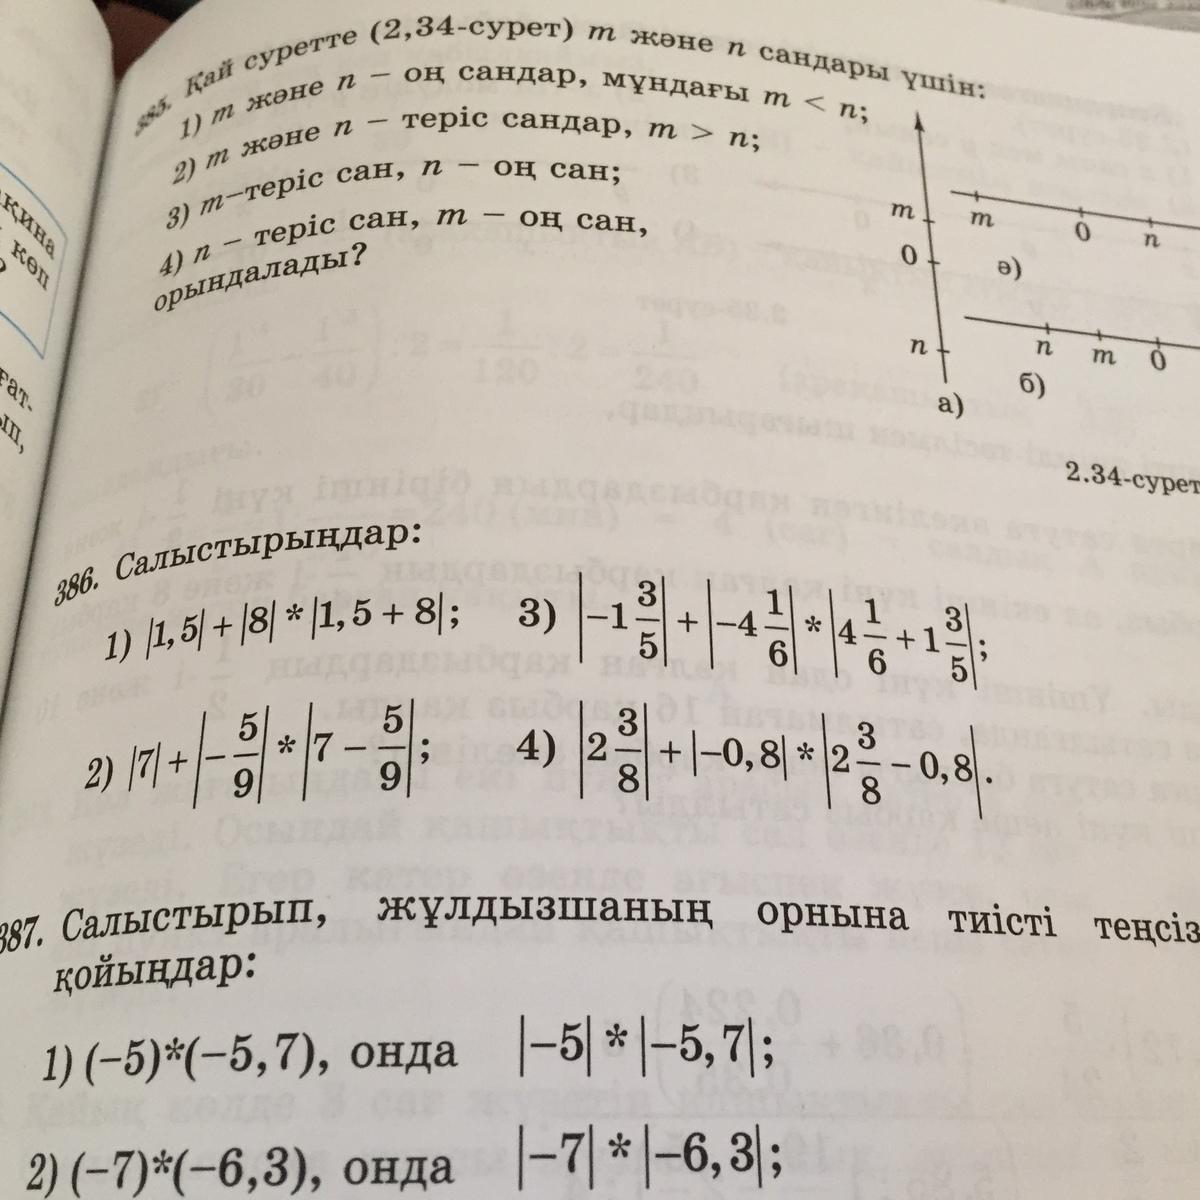 Люди помогите решить задачу по математике решение задач с информационными моделями